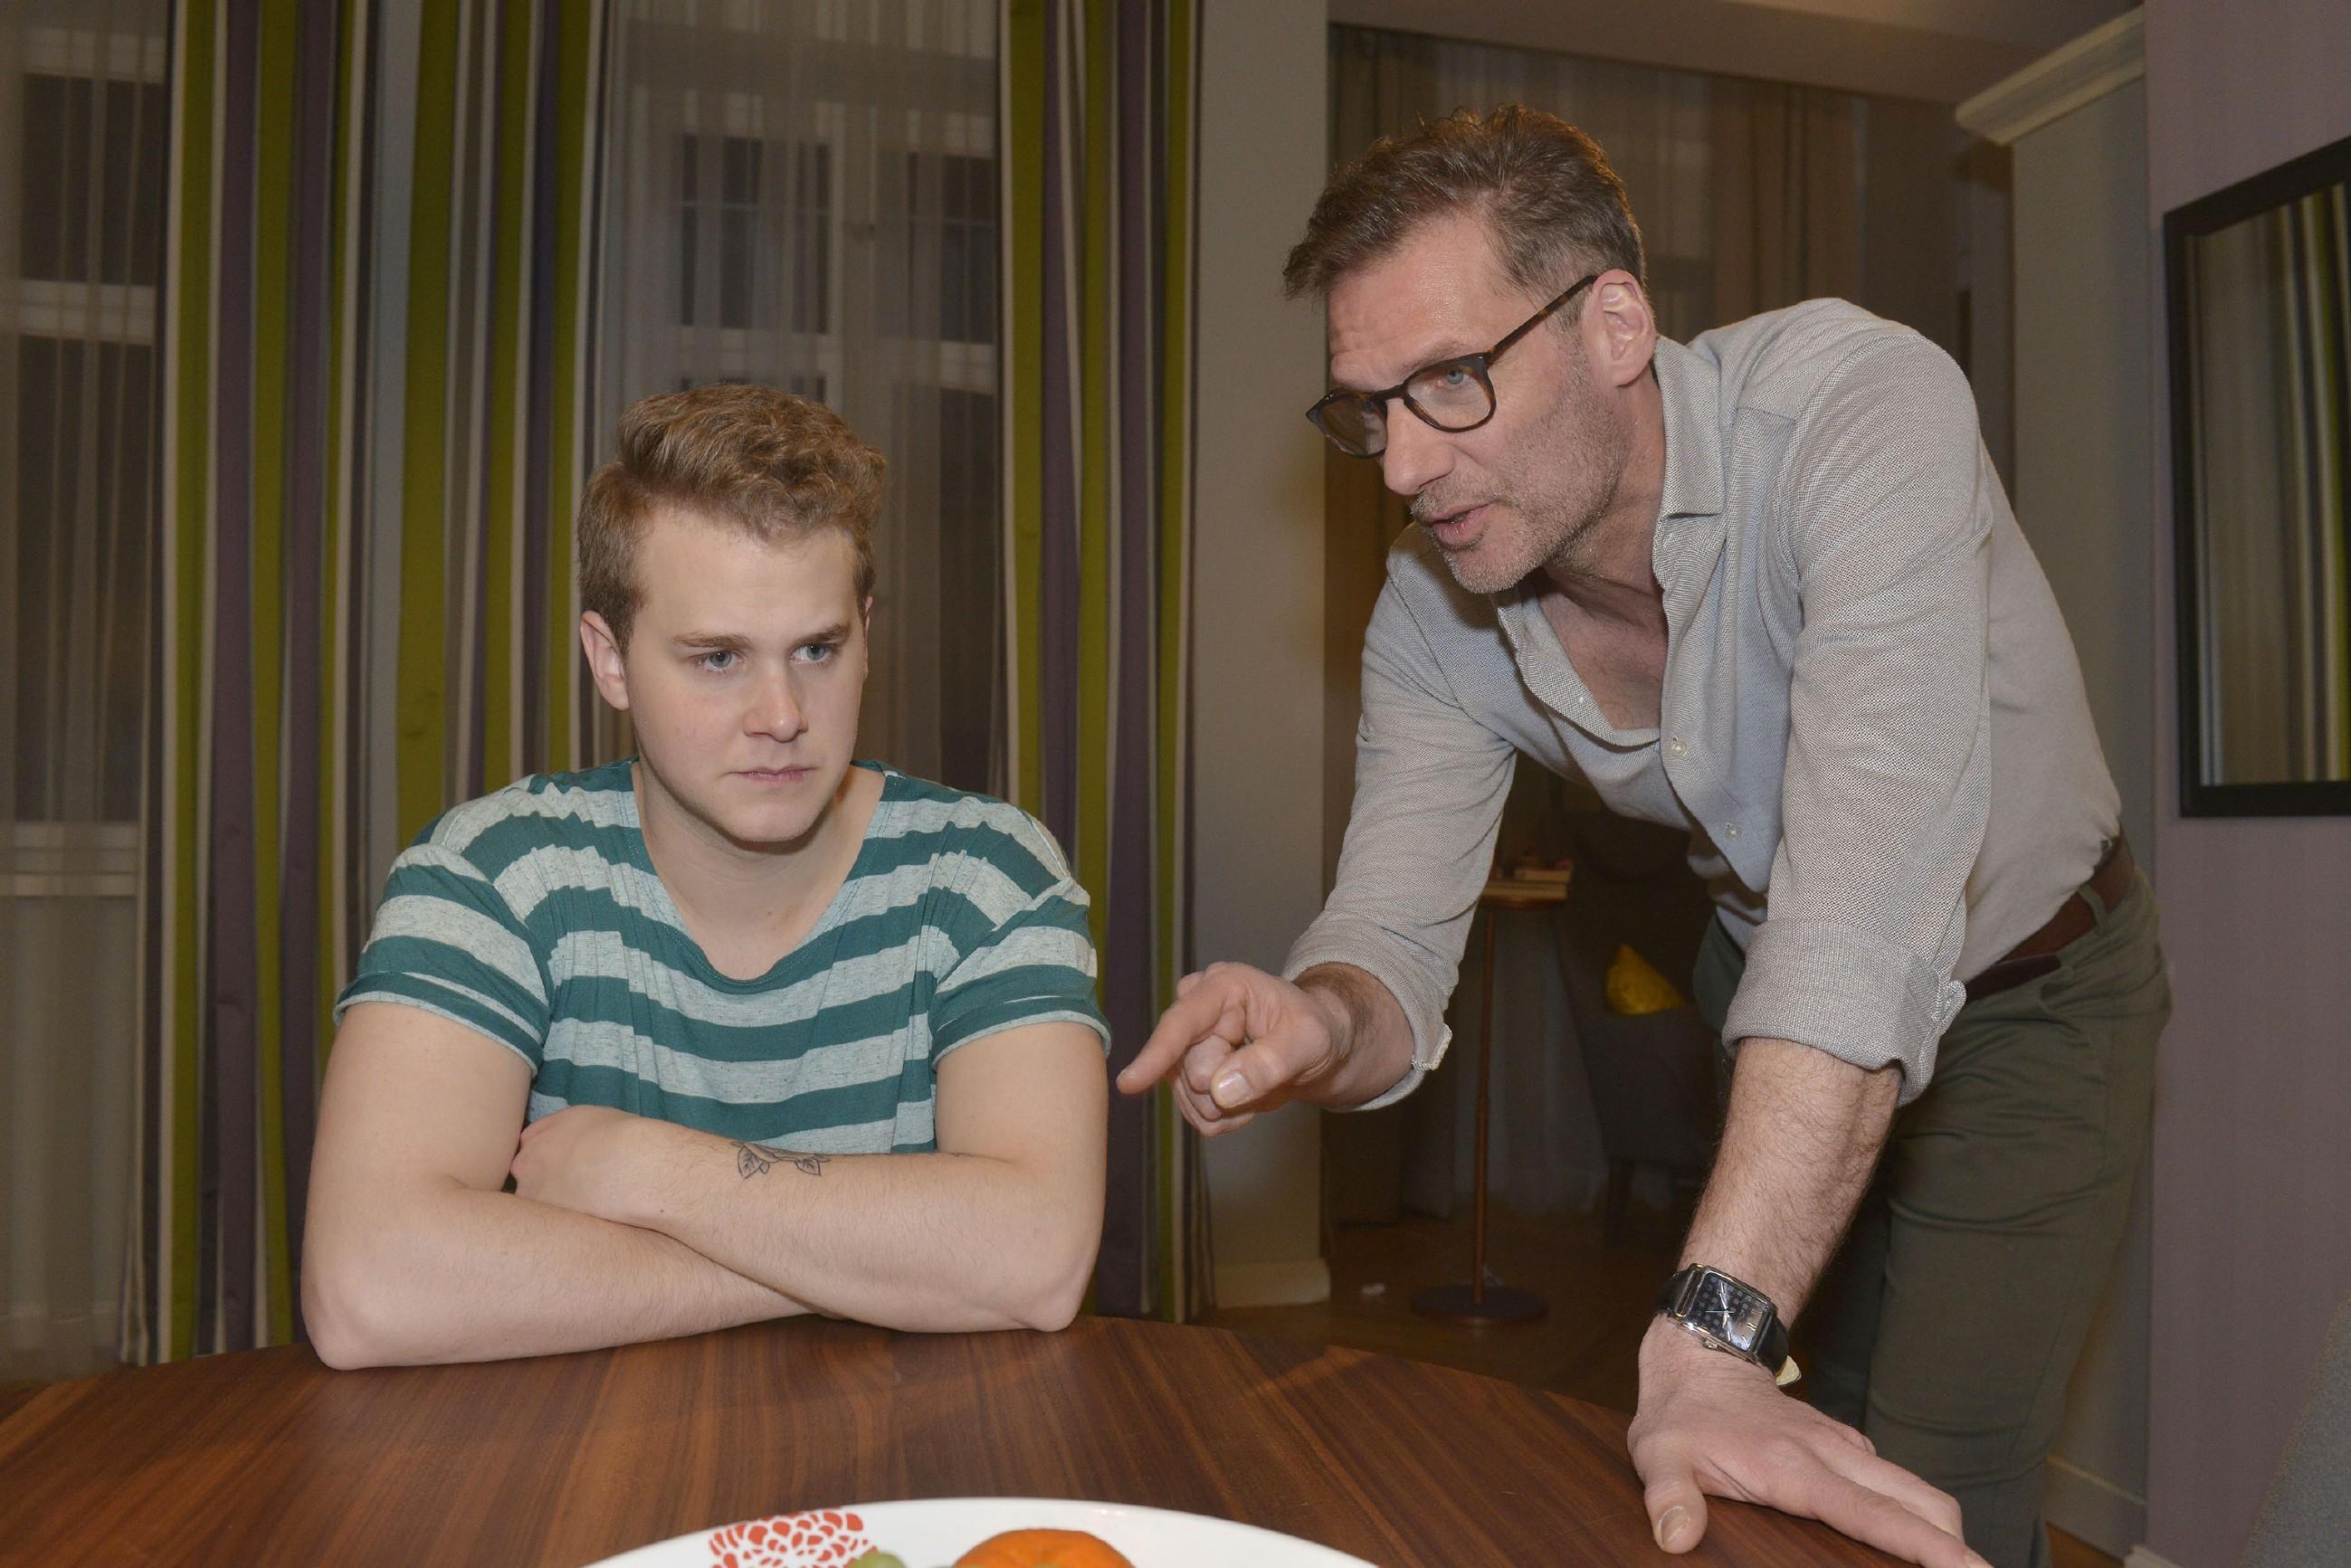 Alexander (Clemens Löhr, r.) konfrontiert Jonas (Felix van Deventer) mit seiner Lüge bezüglich seines Abiturs. (Quelle: RTL / Rolf Baumgartner)